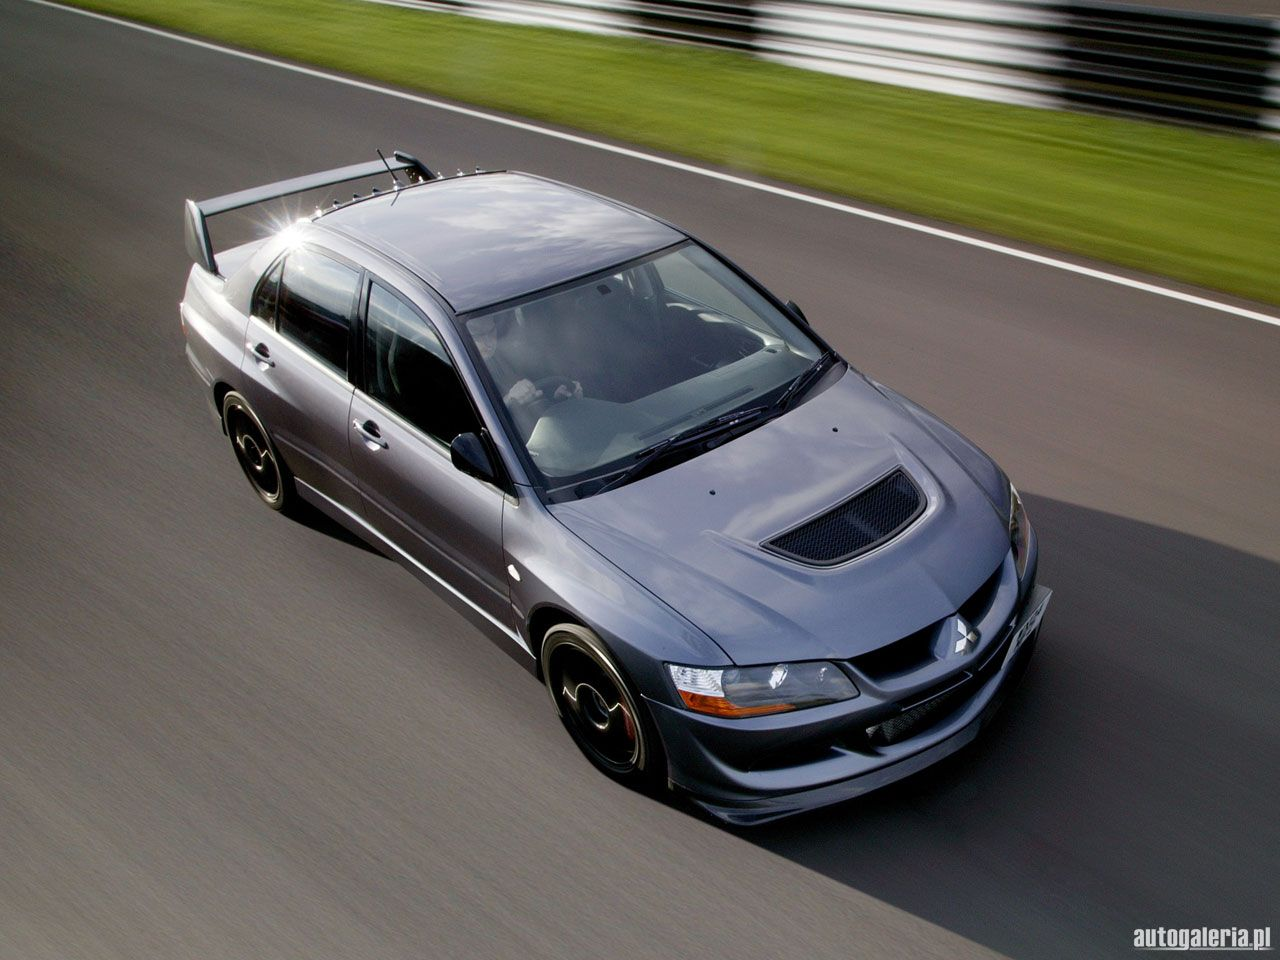 Mitsubishi Lancer Evo Viii Mr Fq 400 Give Me Power Pinterest